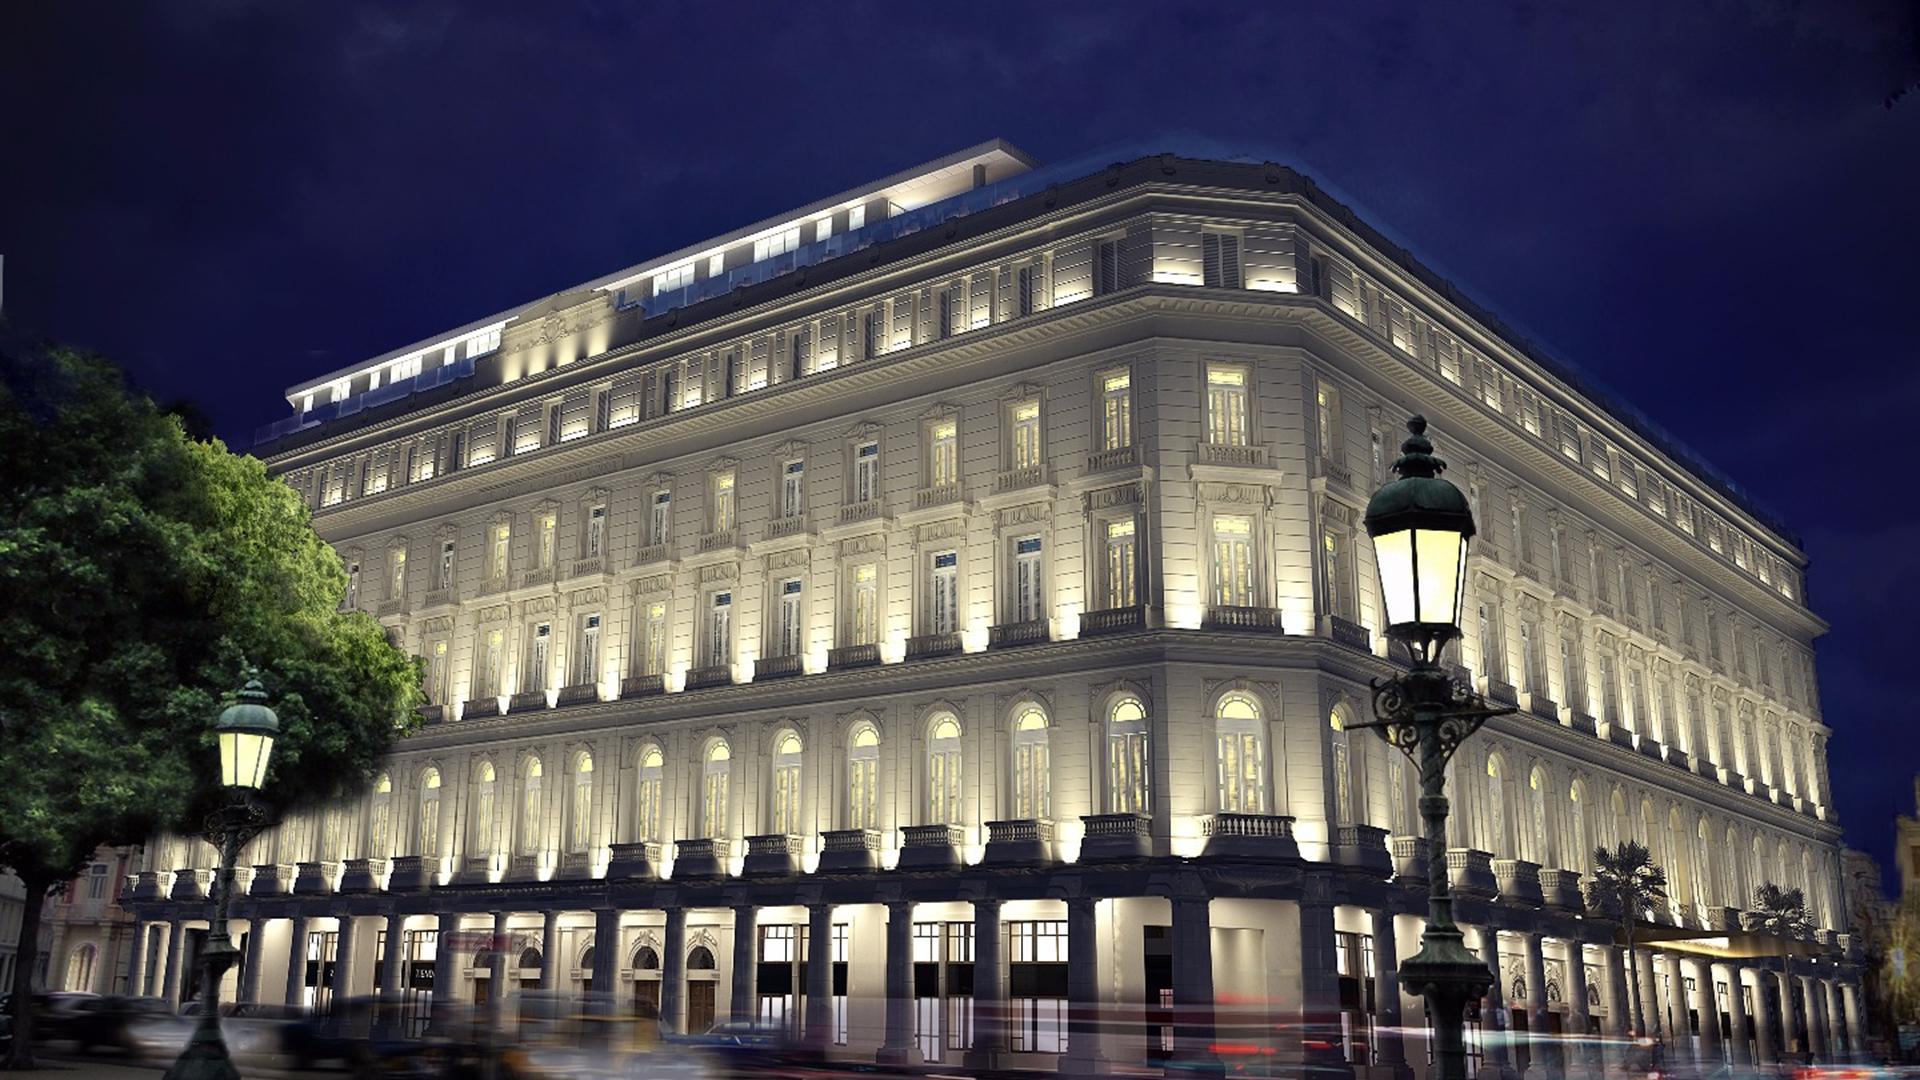 hotel cuba 'Manzana Kempinski' - Cuba abrirá su primer hotel de lujo con tiendas de Mango, Gucci y Lacoste